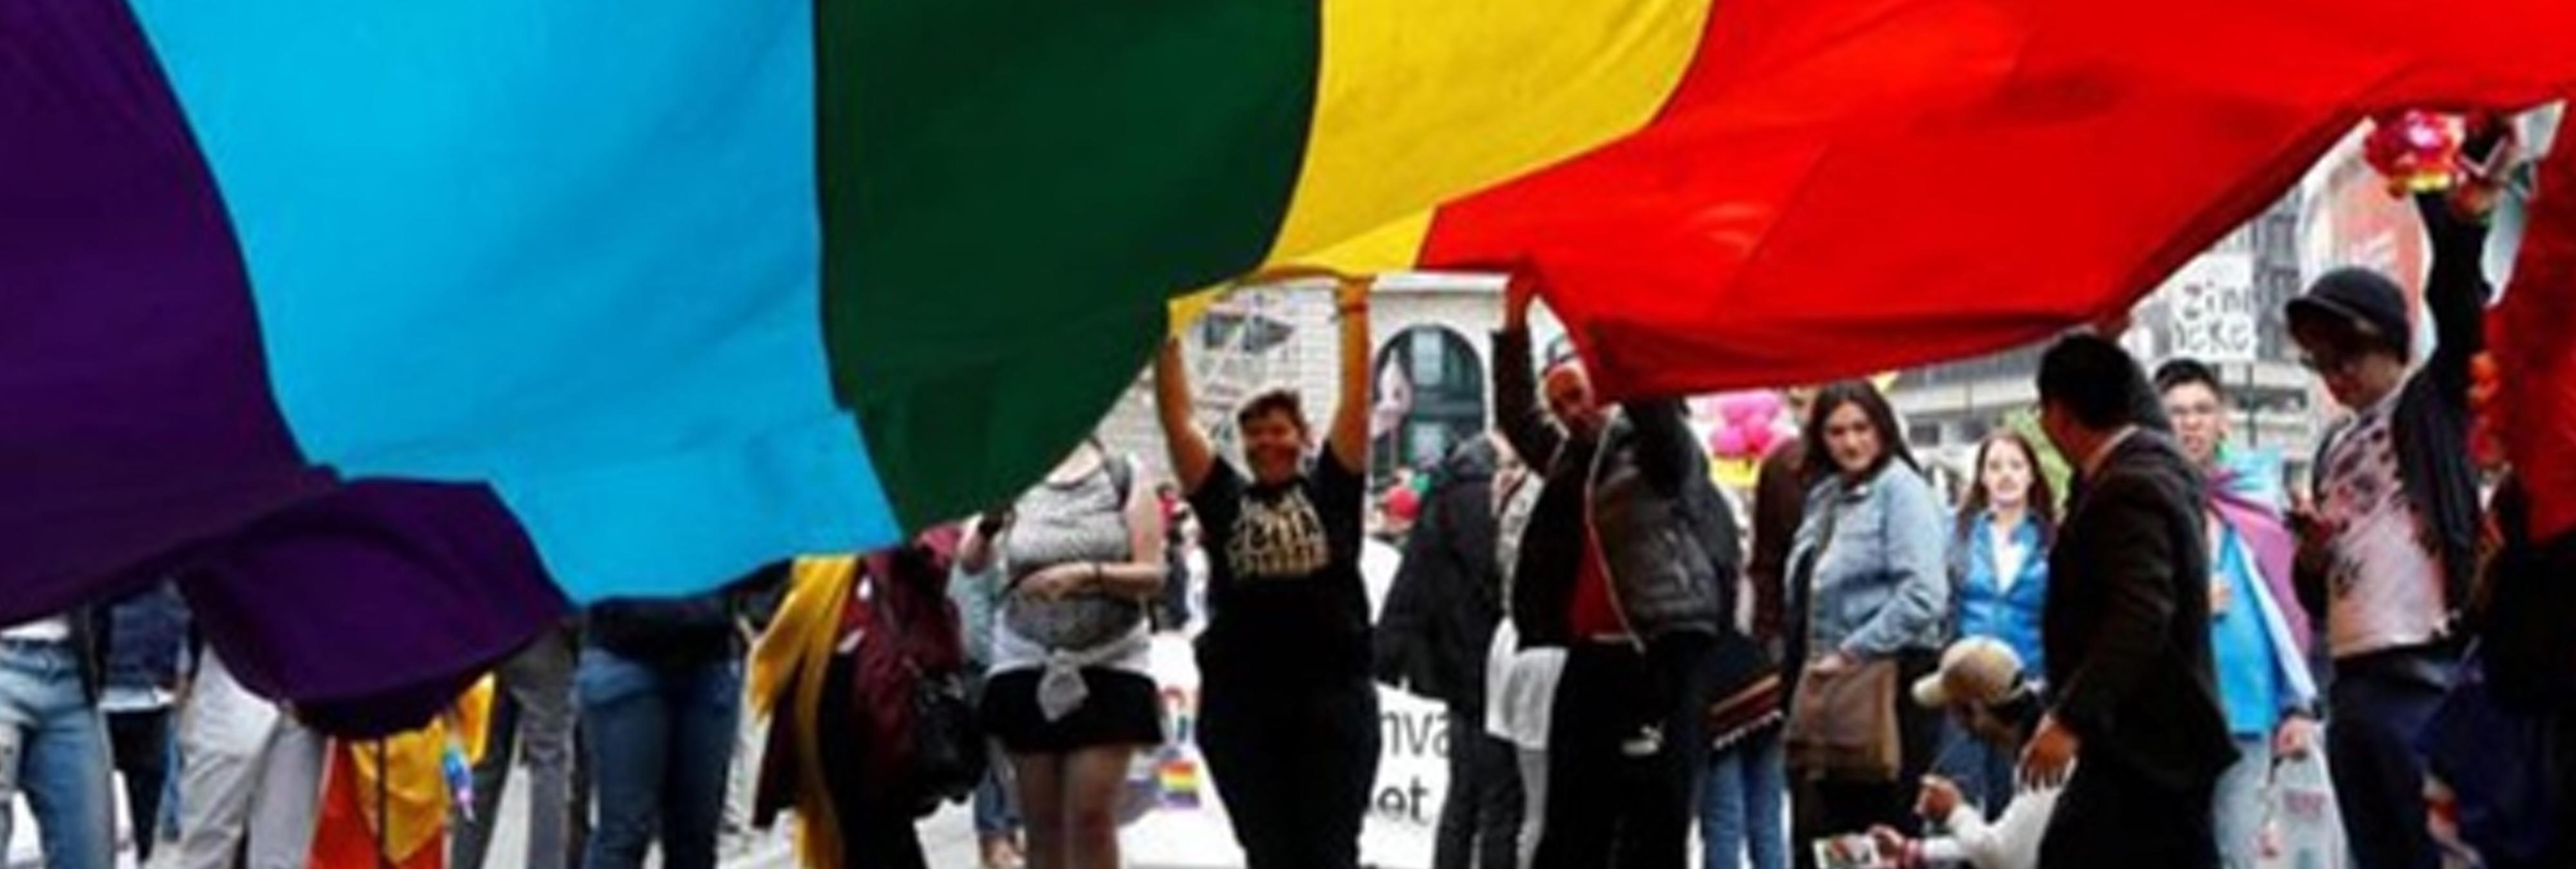 14 homófobos agreden a un grupo de gays en una zona de cruising al grito de 'sidosos'